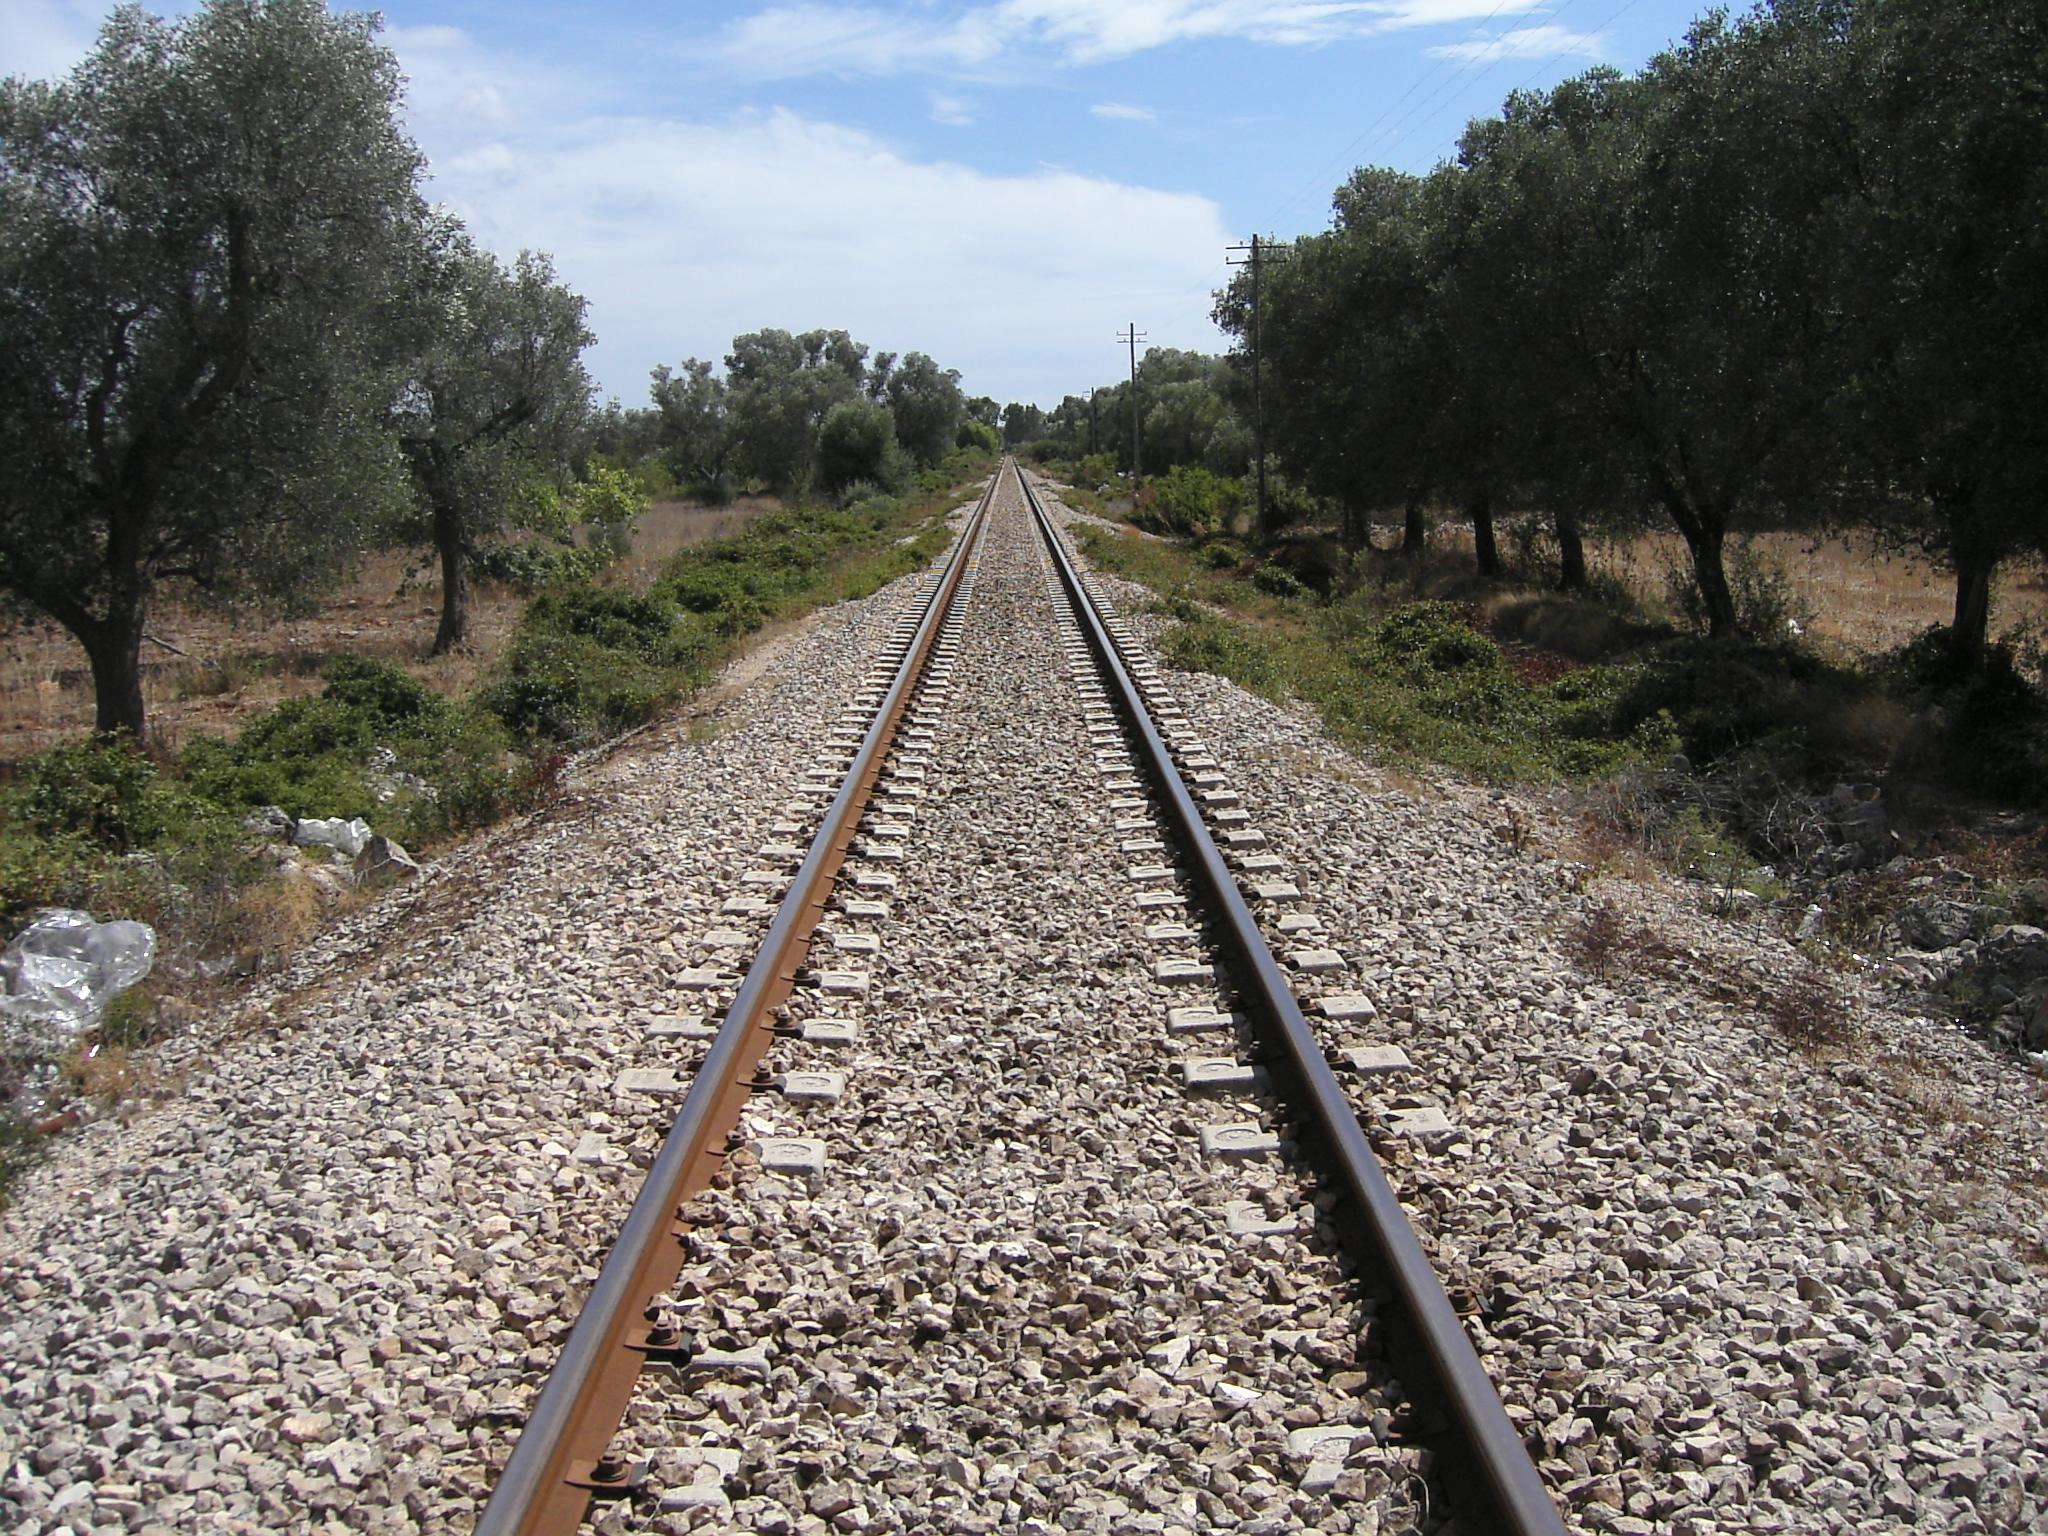 Salento  train  theme, Bspo06, Center, Line, Stone, HQ Photo